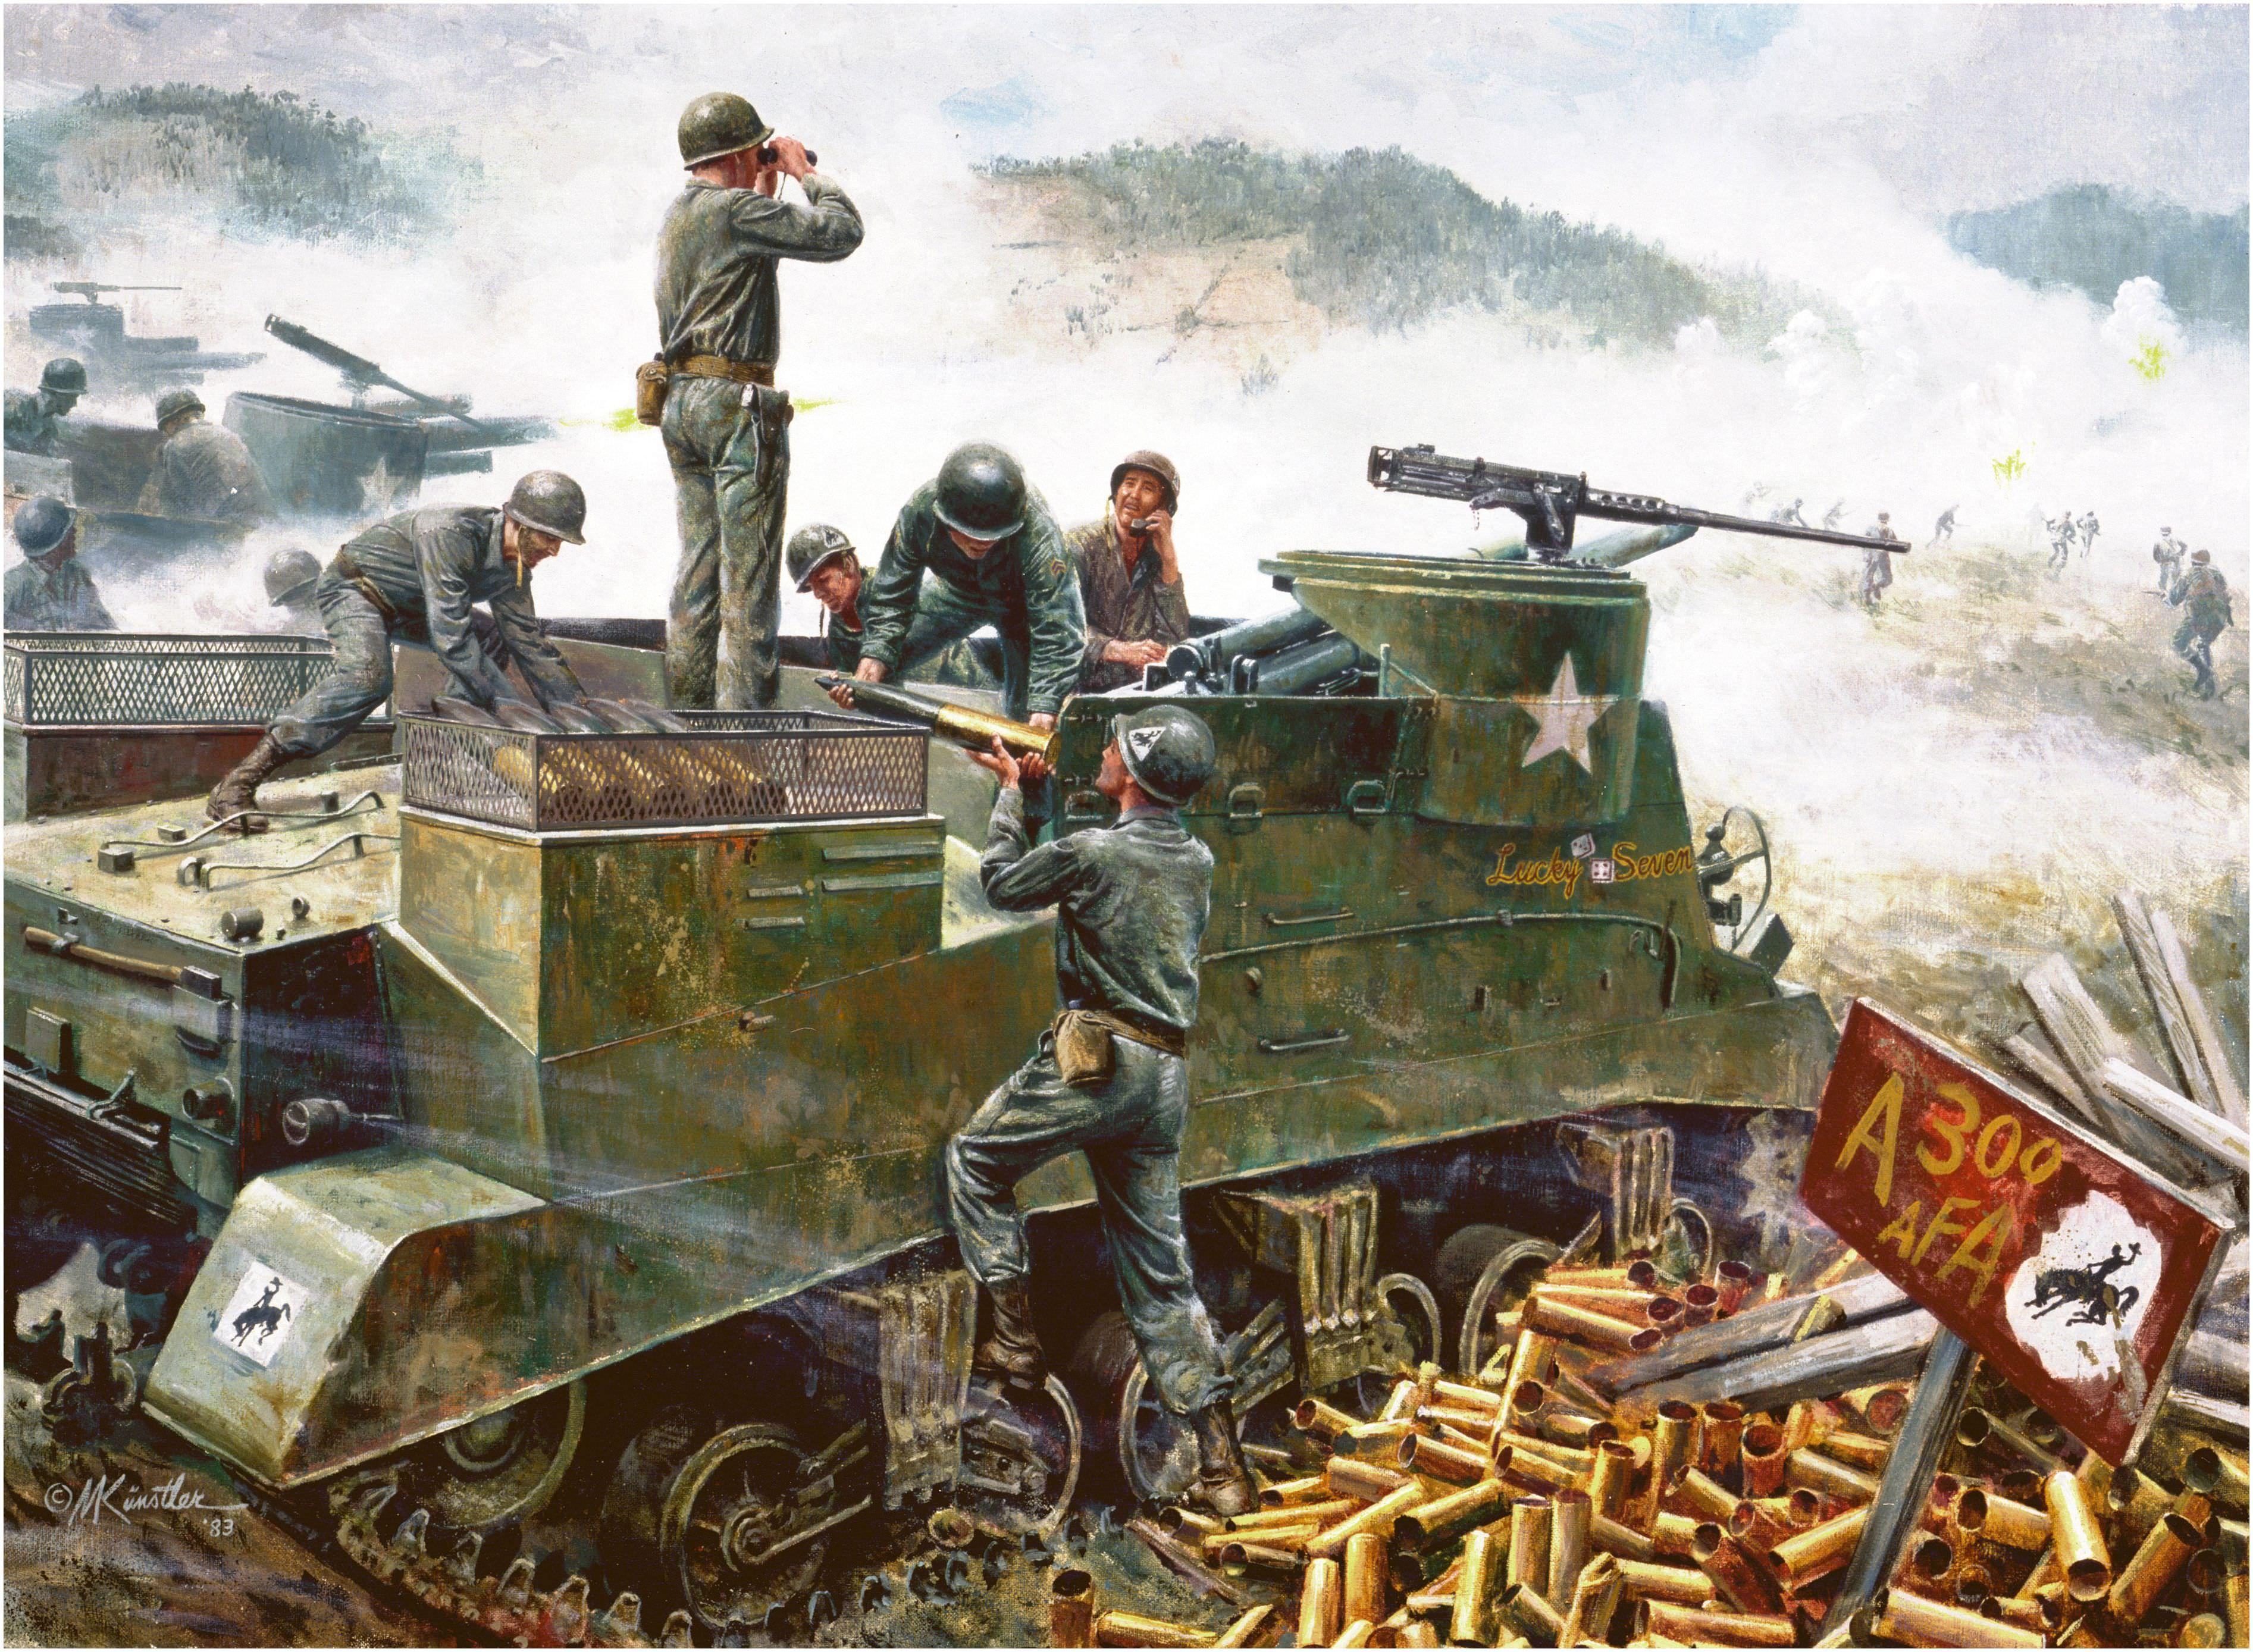 597a6017d9 Batismo de fogo dos M-109A5: modernização da Artilharia de Campanha. |  artilharia | Military vehicles, Military e Army